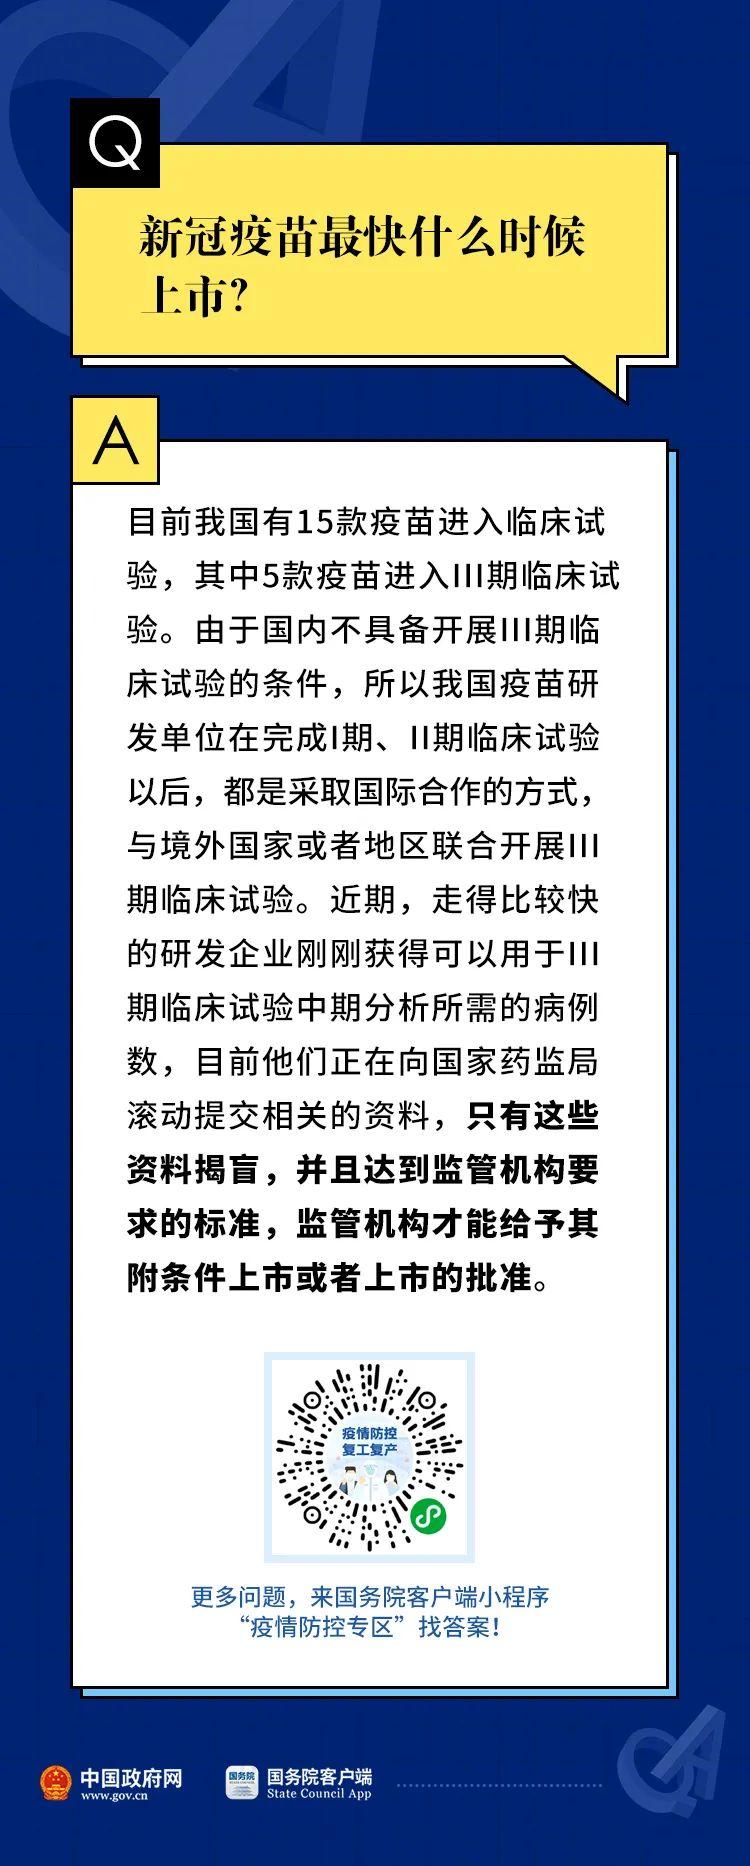 电银付app使用教程(dianyinzhifu.com):突发!北京又增2例内陆确诊,大连新增5例:一家三口熏染,女儿仅3个月大!详情宣布 第10张